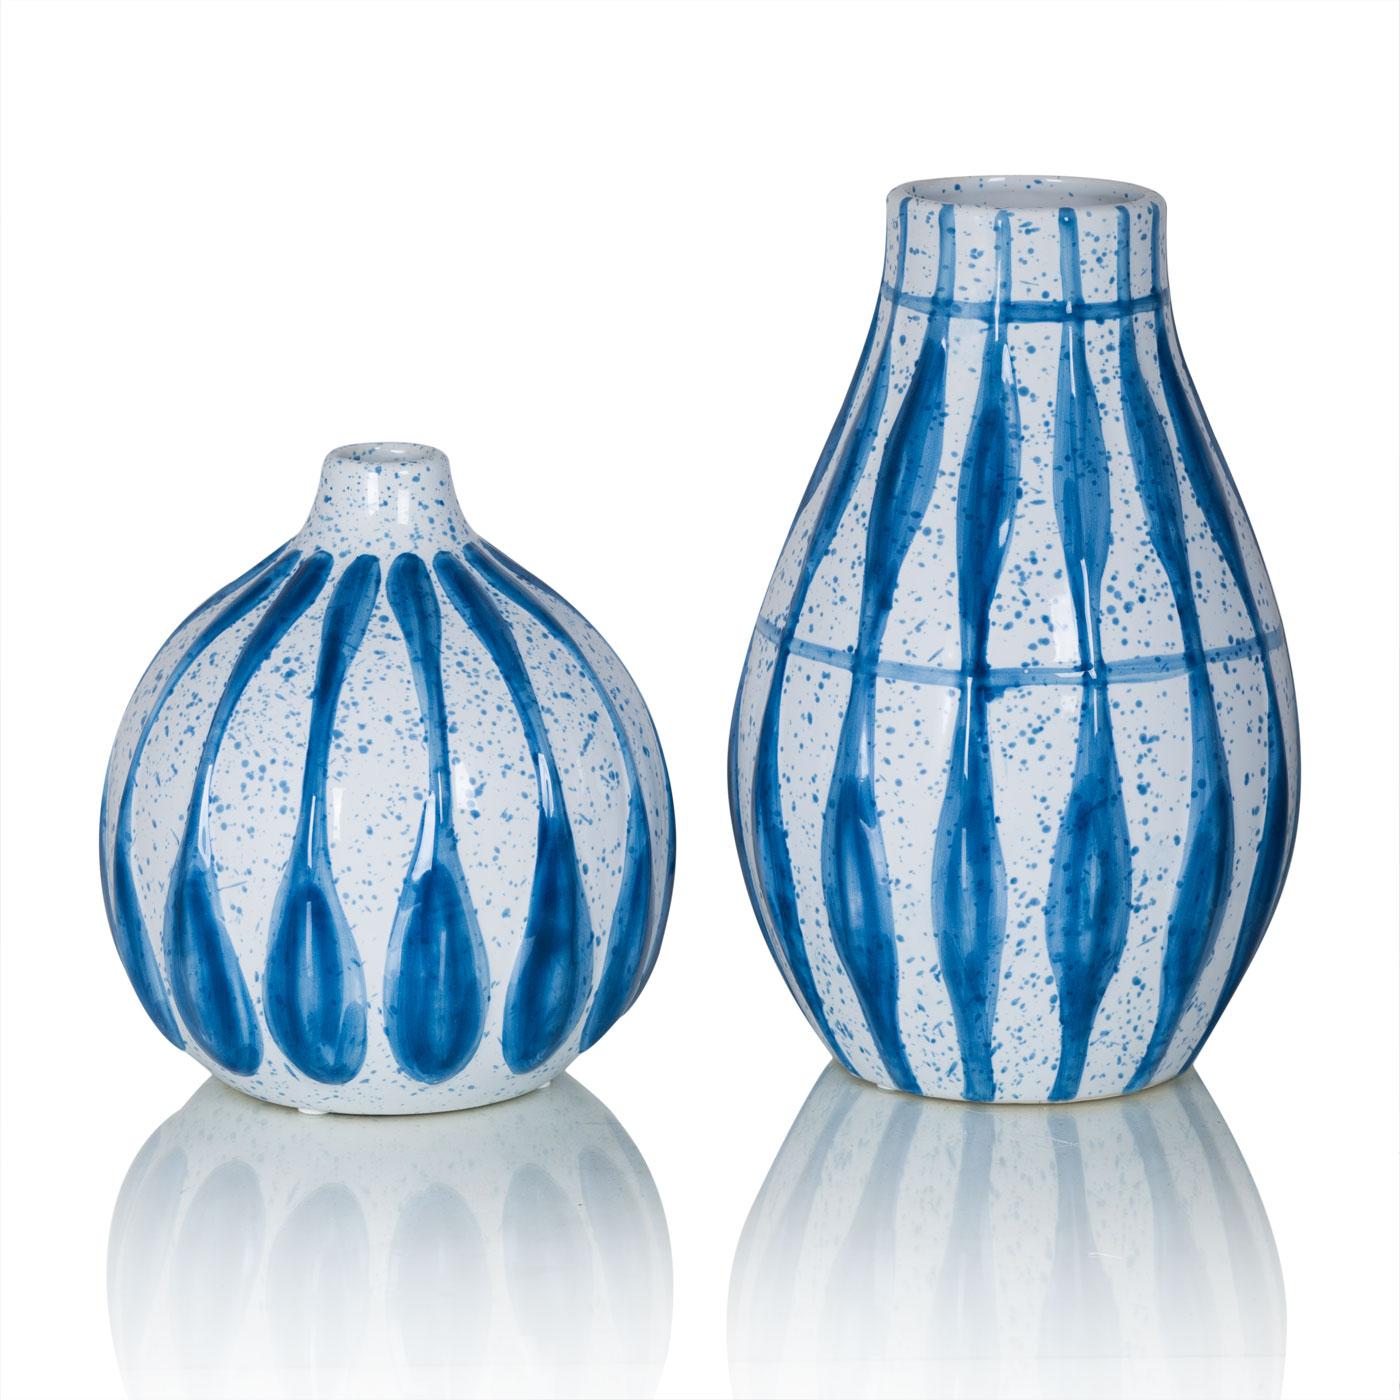 Купить Вазы Home Philosophy, Ваза Fantasia Цвет: Голубой (16х26 см, большая), Китай, Белый, Голубой, Керамика